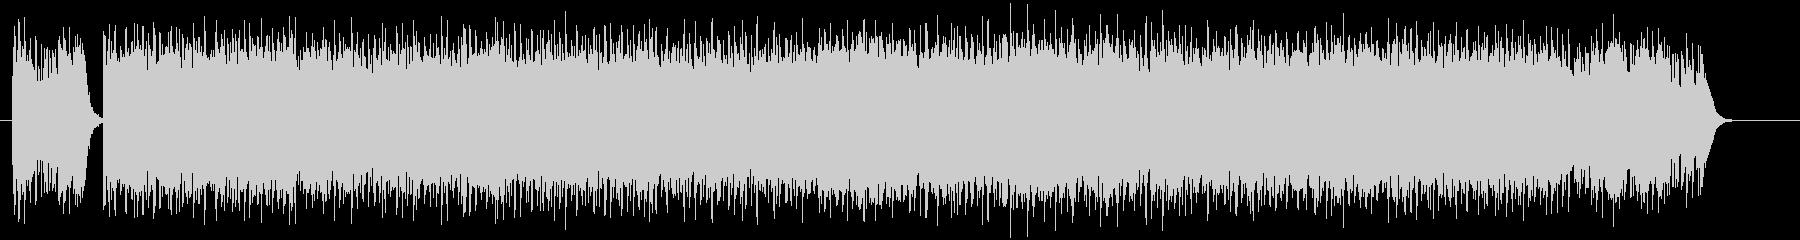 ドキドキ感とシリアスなシンセギターテクノの未再生の波形